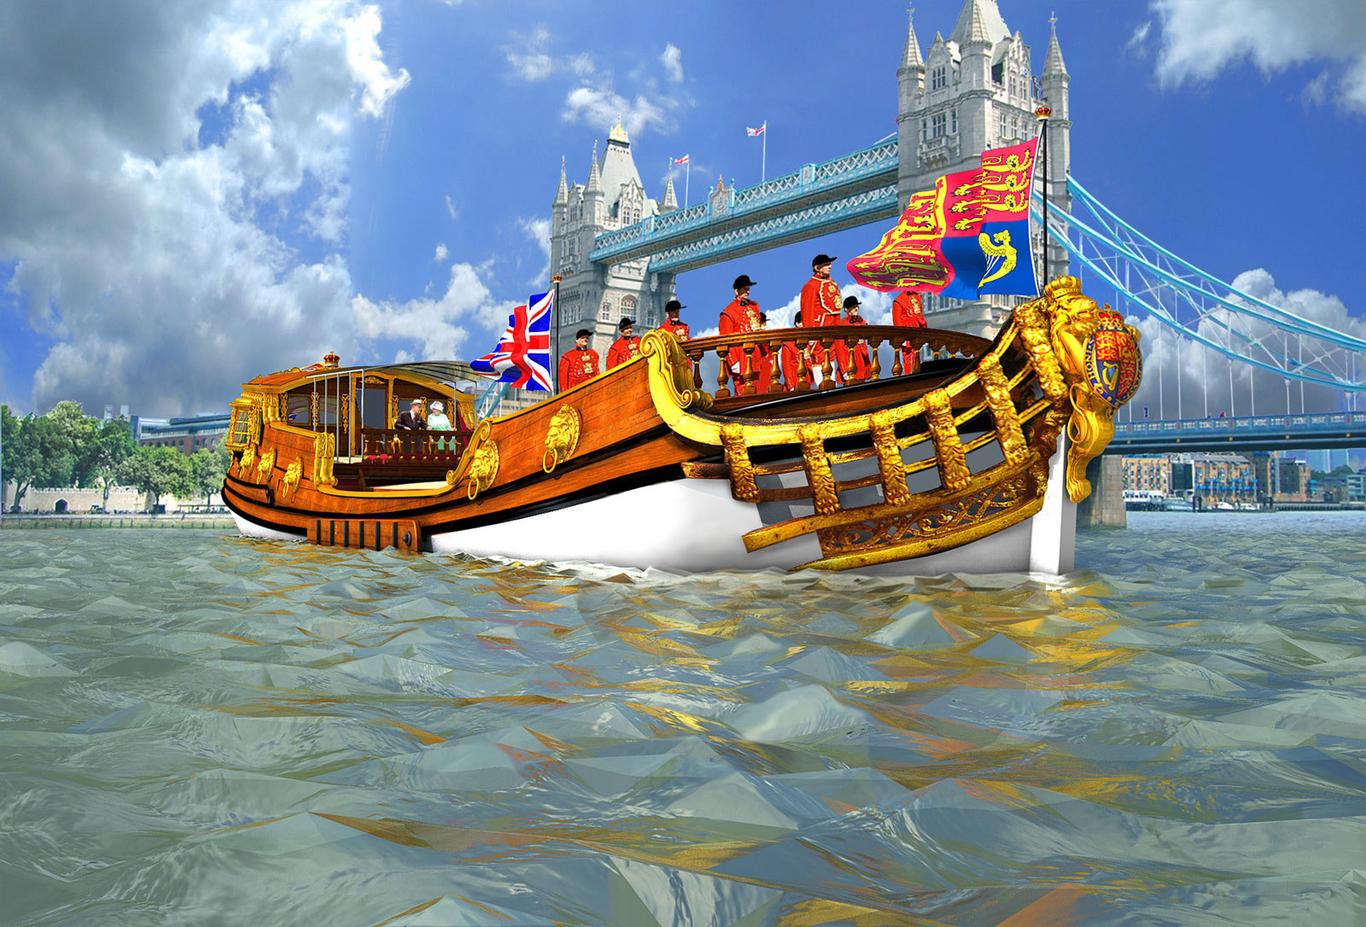 Bill d qdj royal barge bow  1 fc94a4f1 3tcc